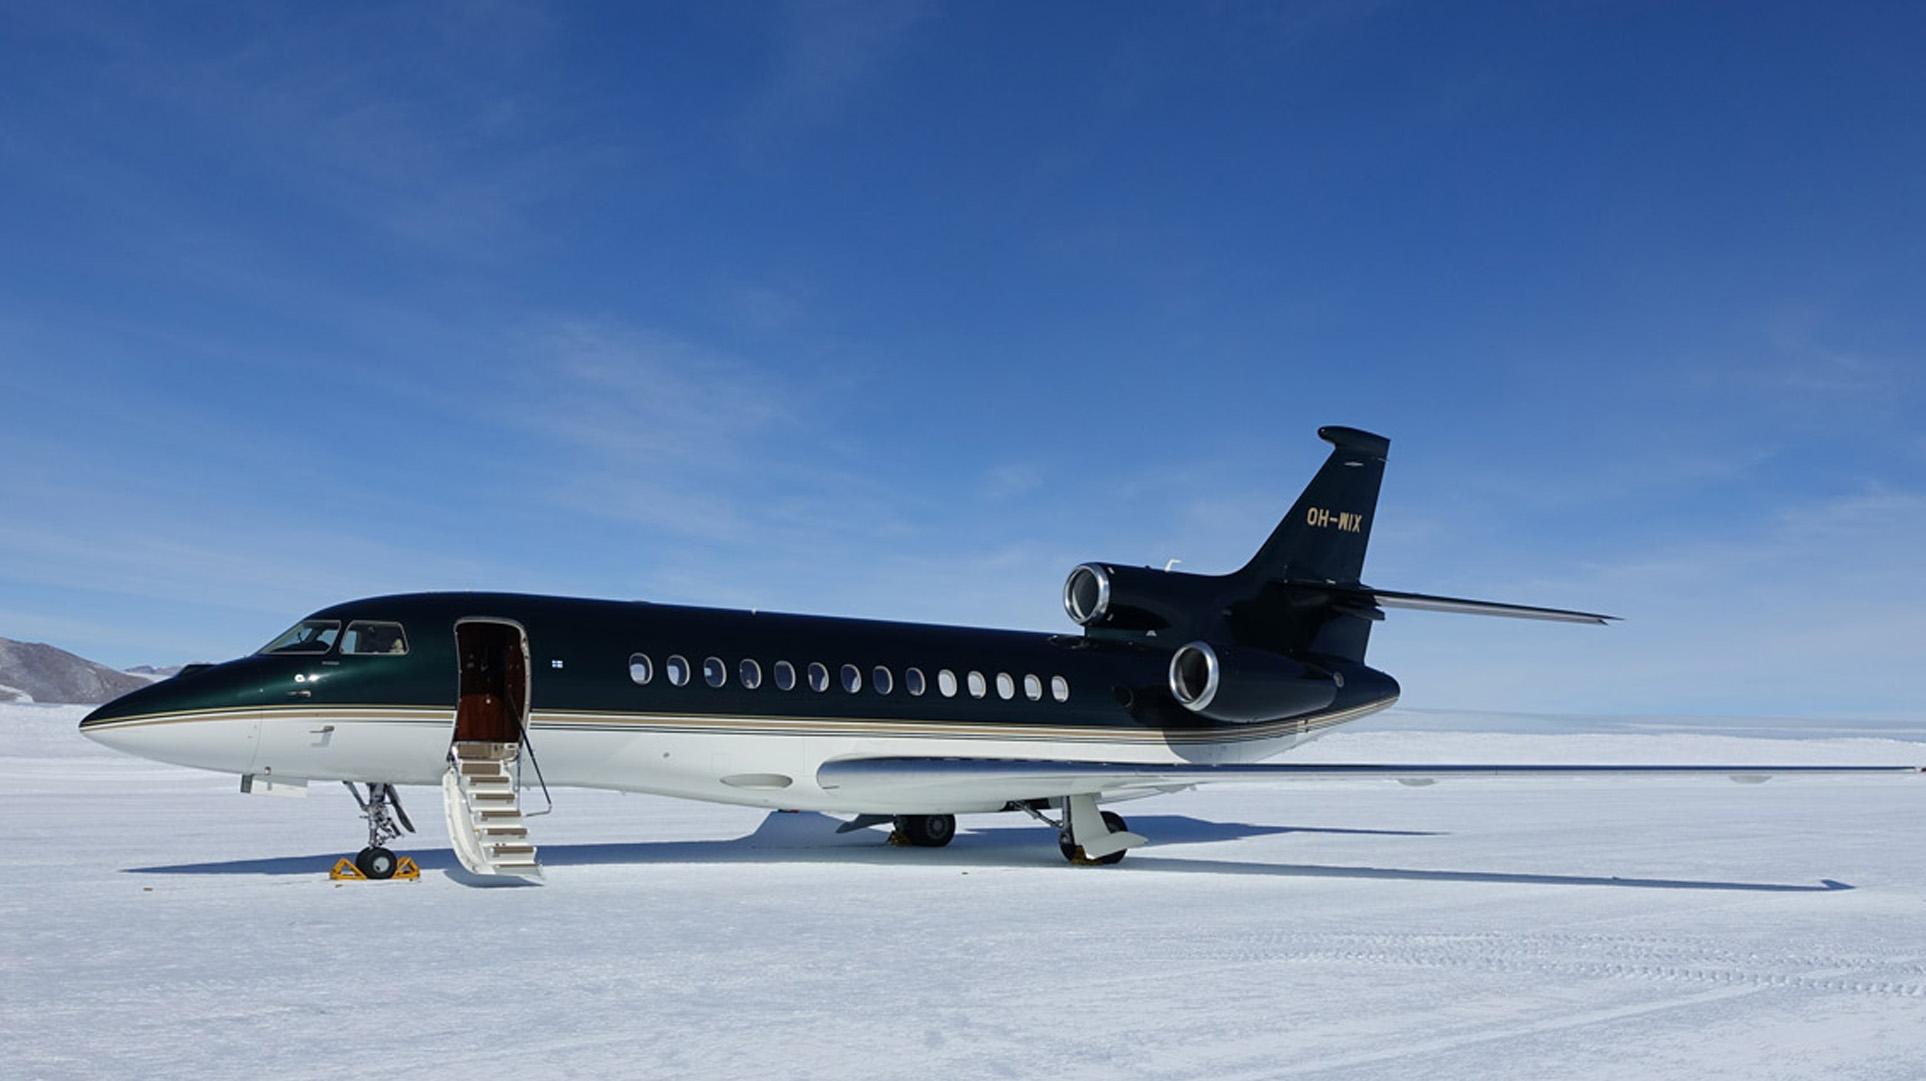 OH-WIX Etelämantereella